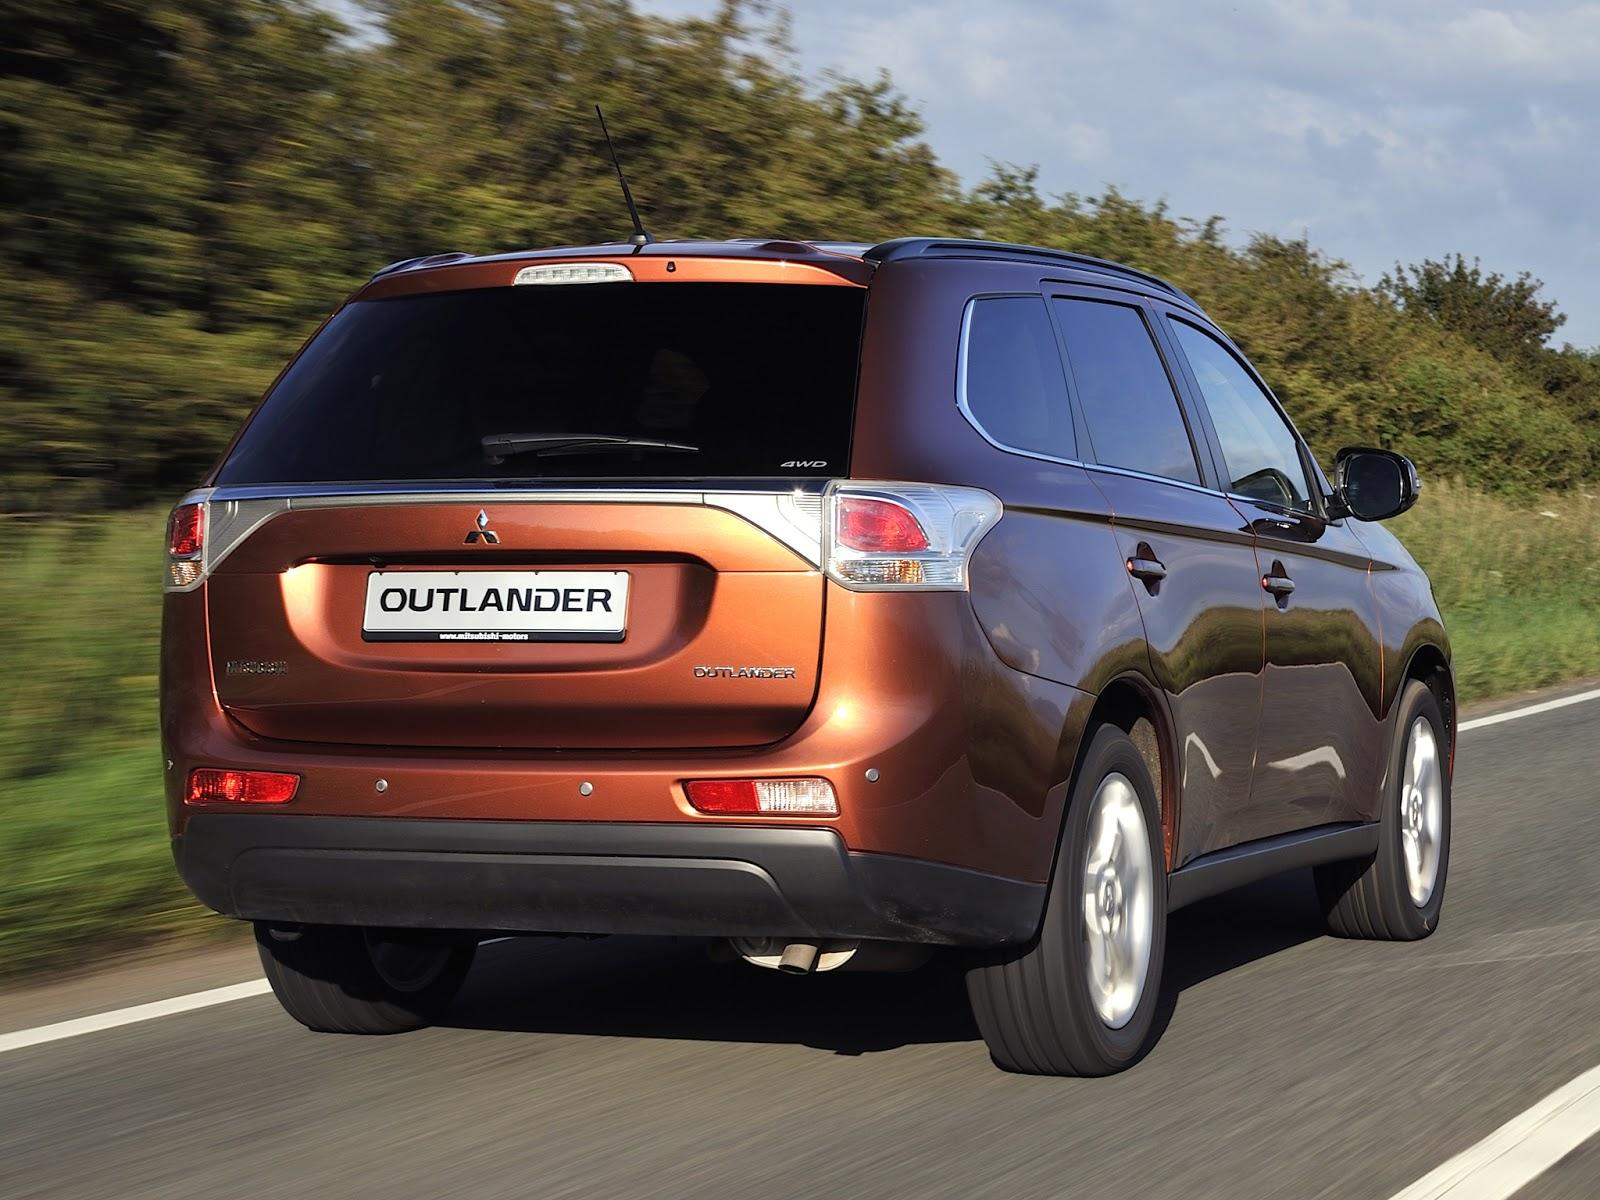 novo Mitsubishi Outlander 2014 traseira